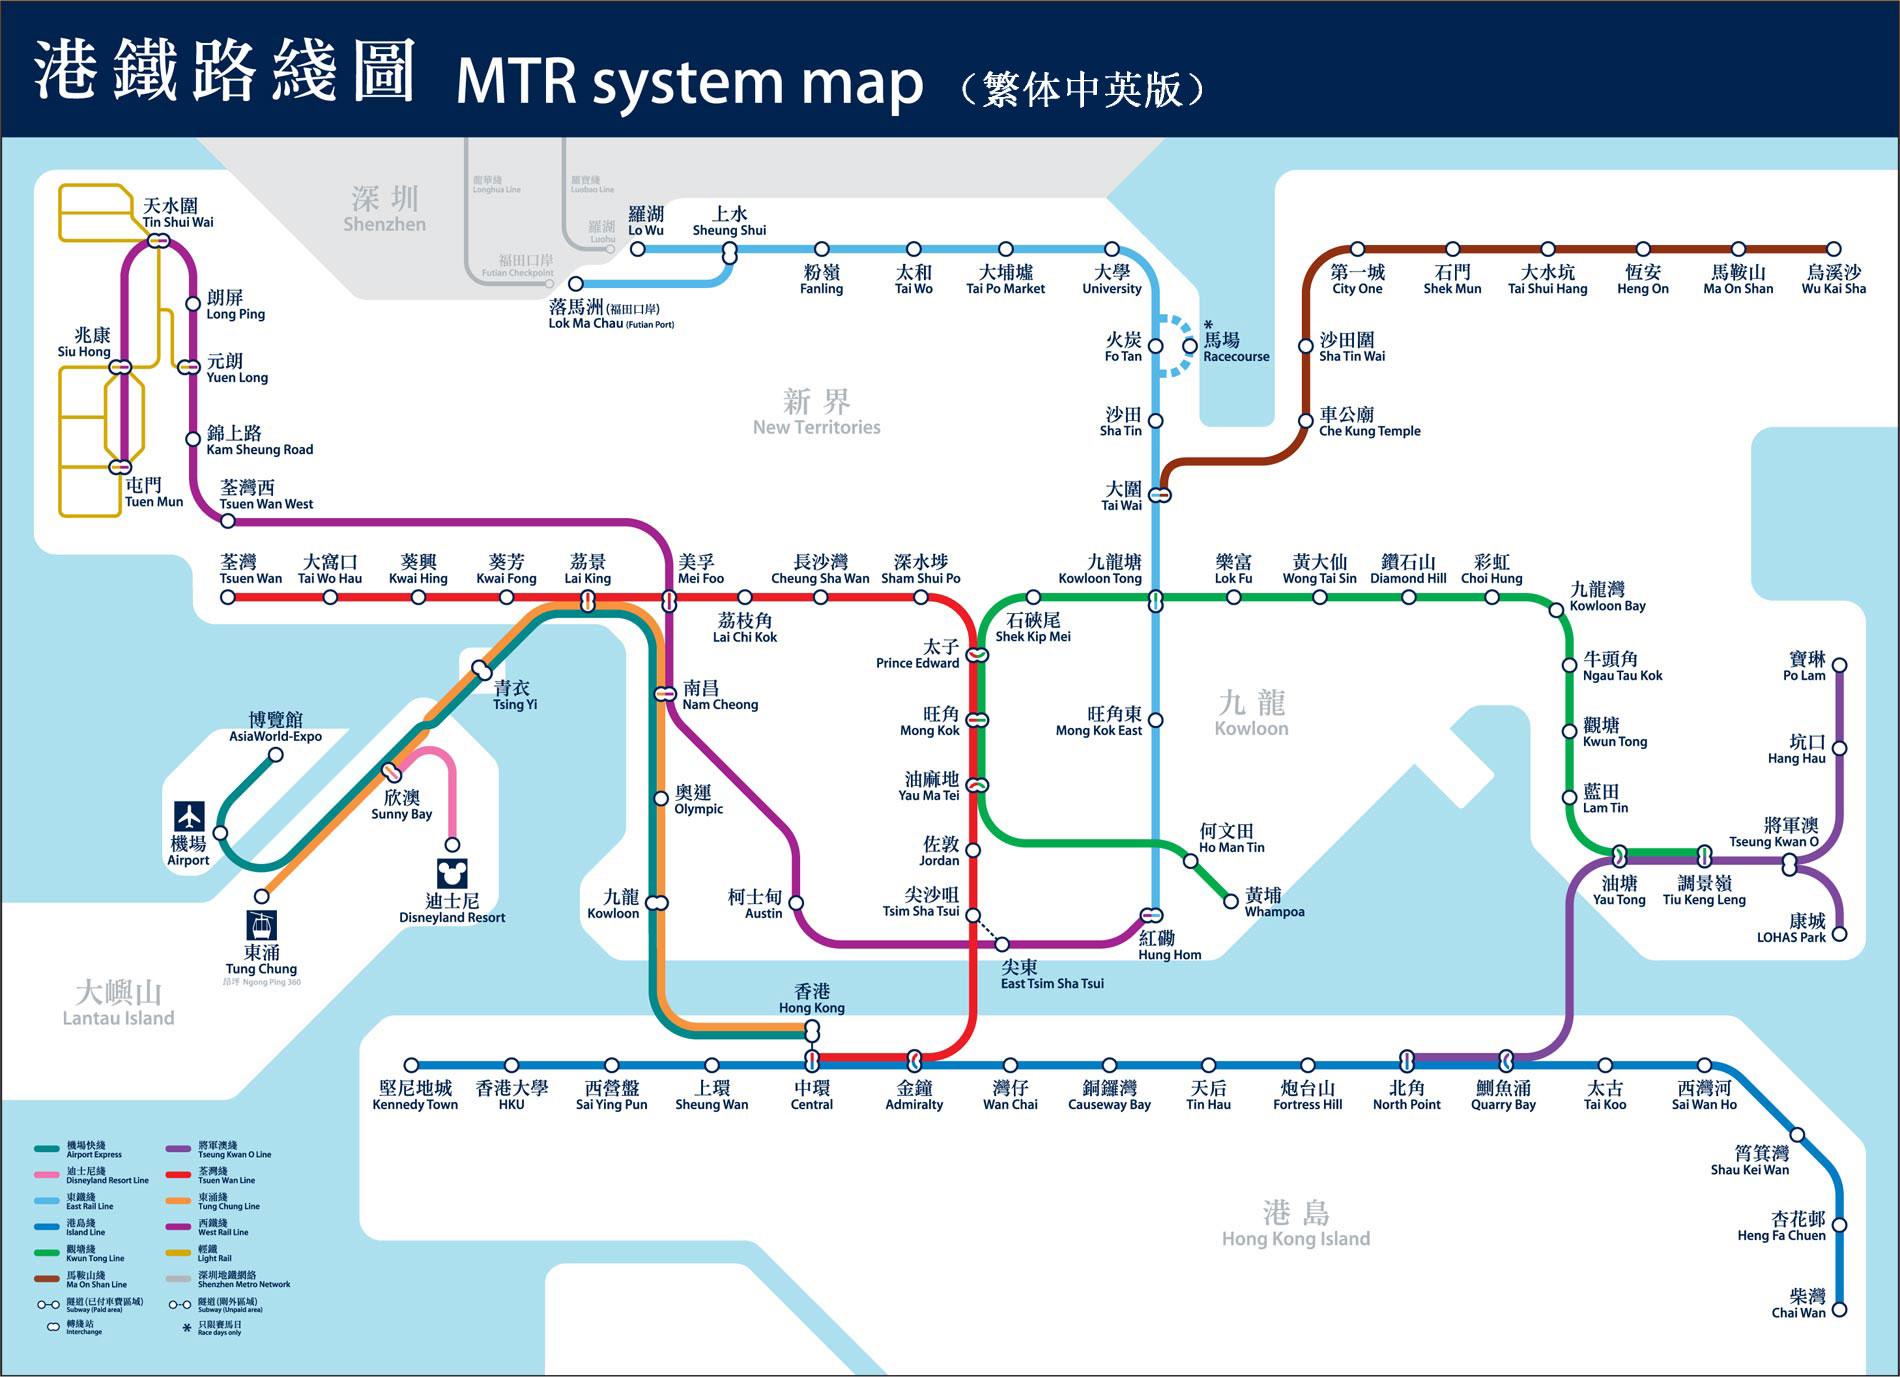 香港地铁线路图_运营时间票价站点_查询下载 香港地铁线路图 第1张